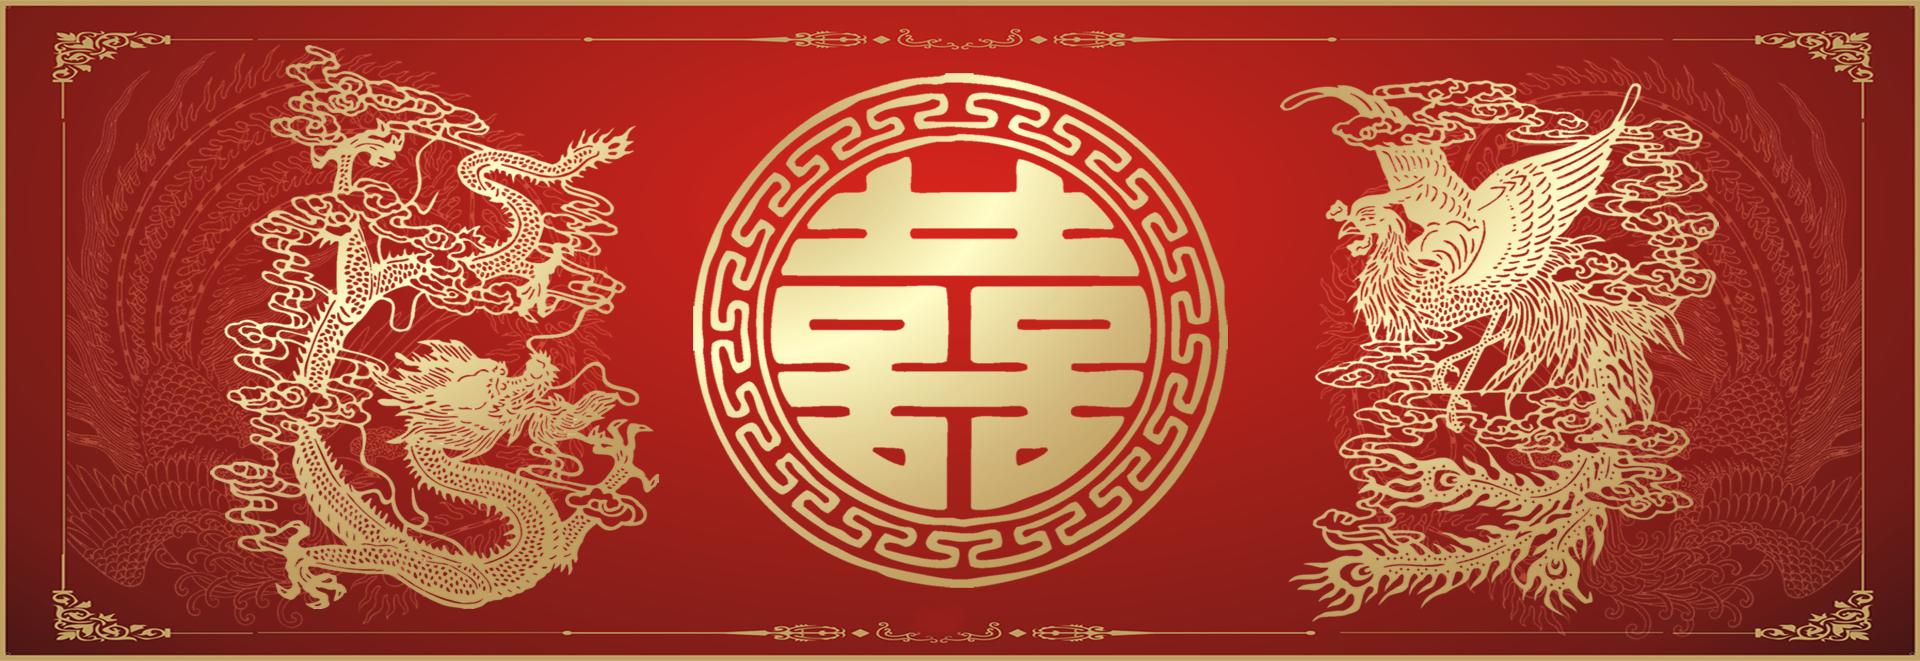 signe symbole ic u00f4ne caserne de pompiers contexte